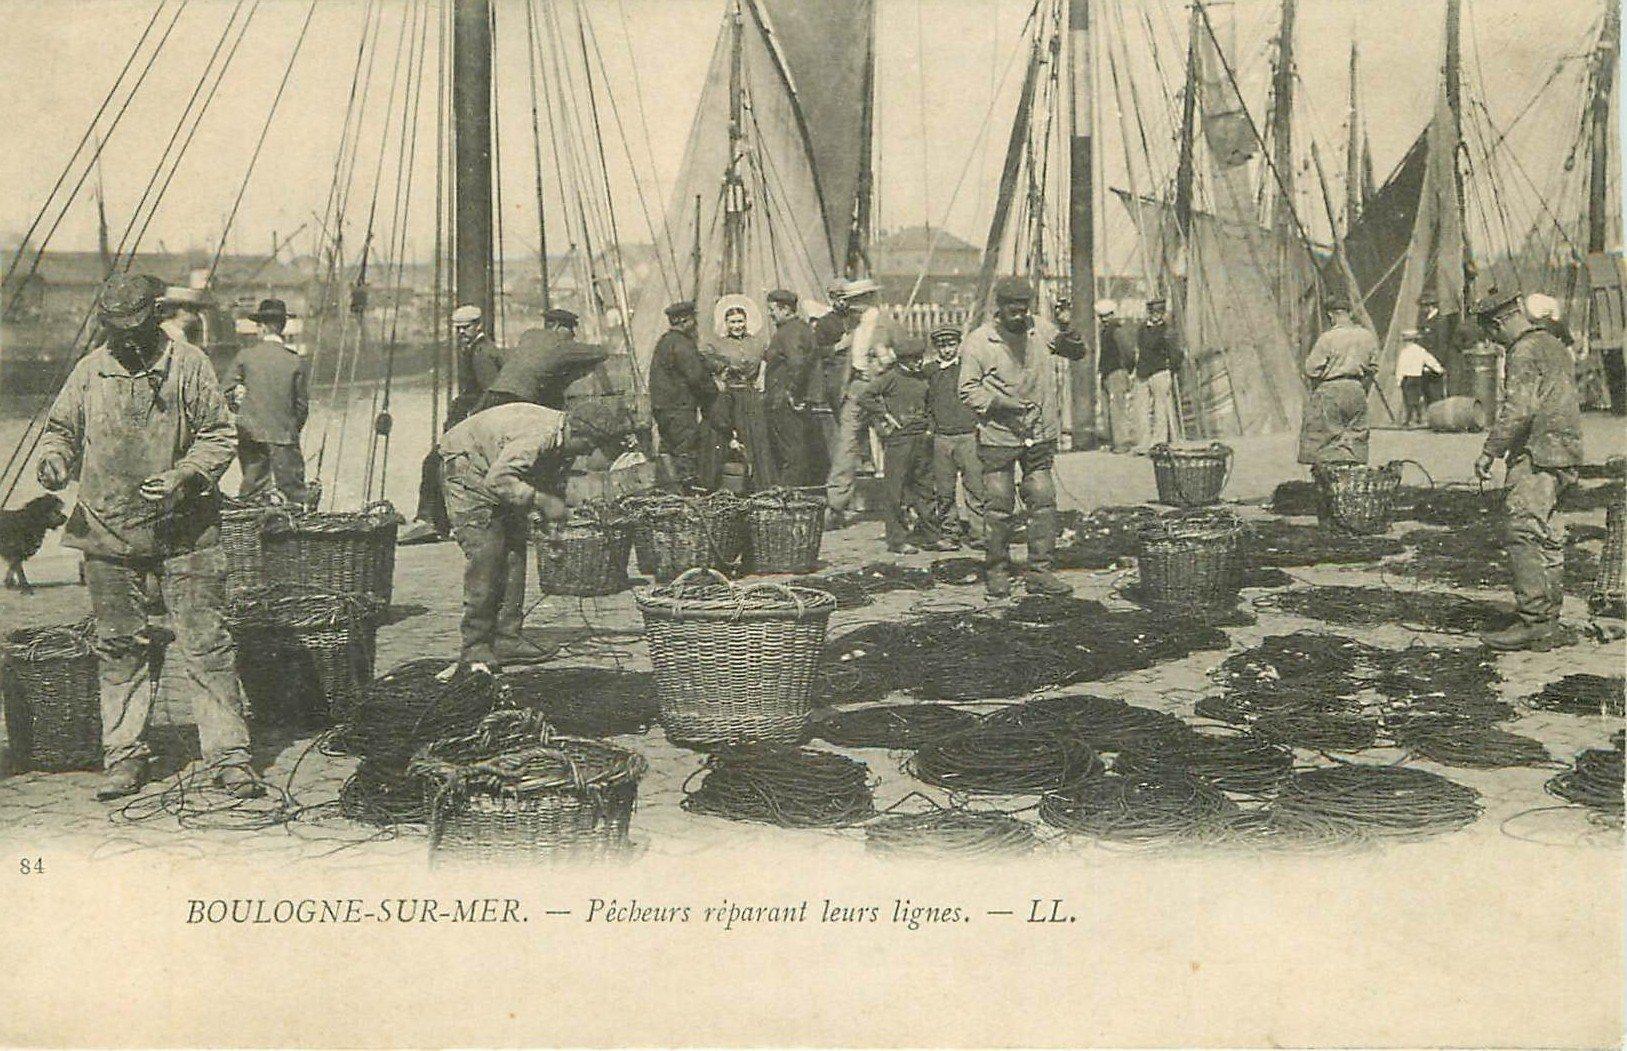 62 BOULOGNE-SUR-MER. Pêcheurs réparant leurs lignes 1926 (défaut)